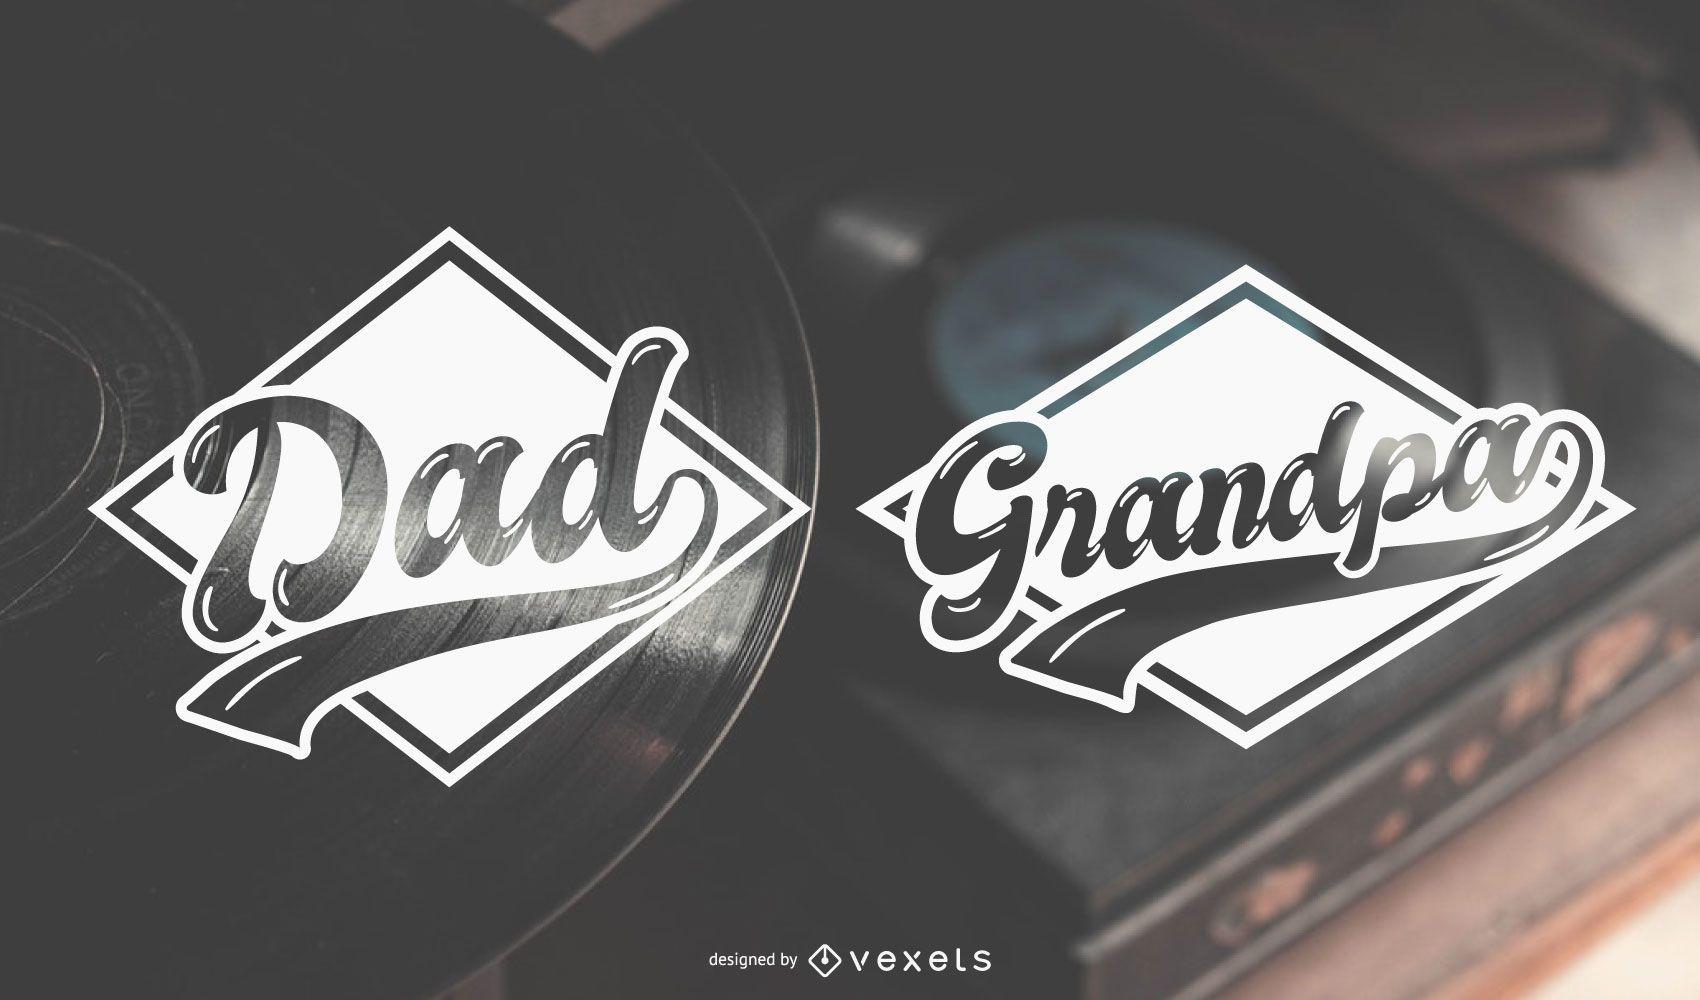 Dad and Grandpa Label Designs